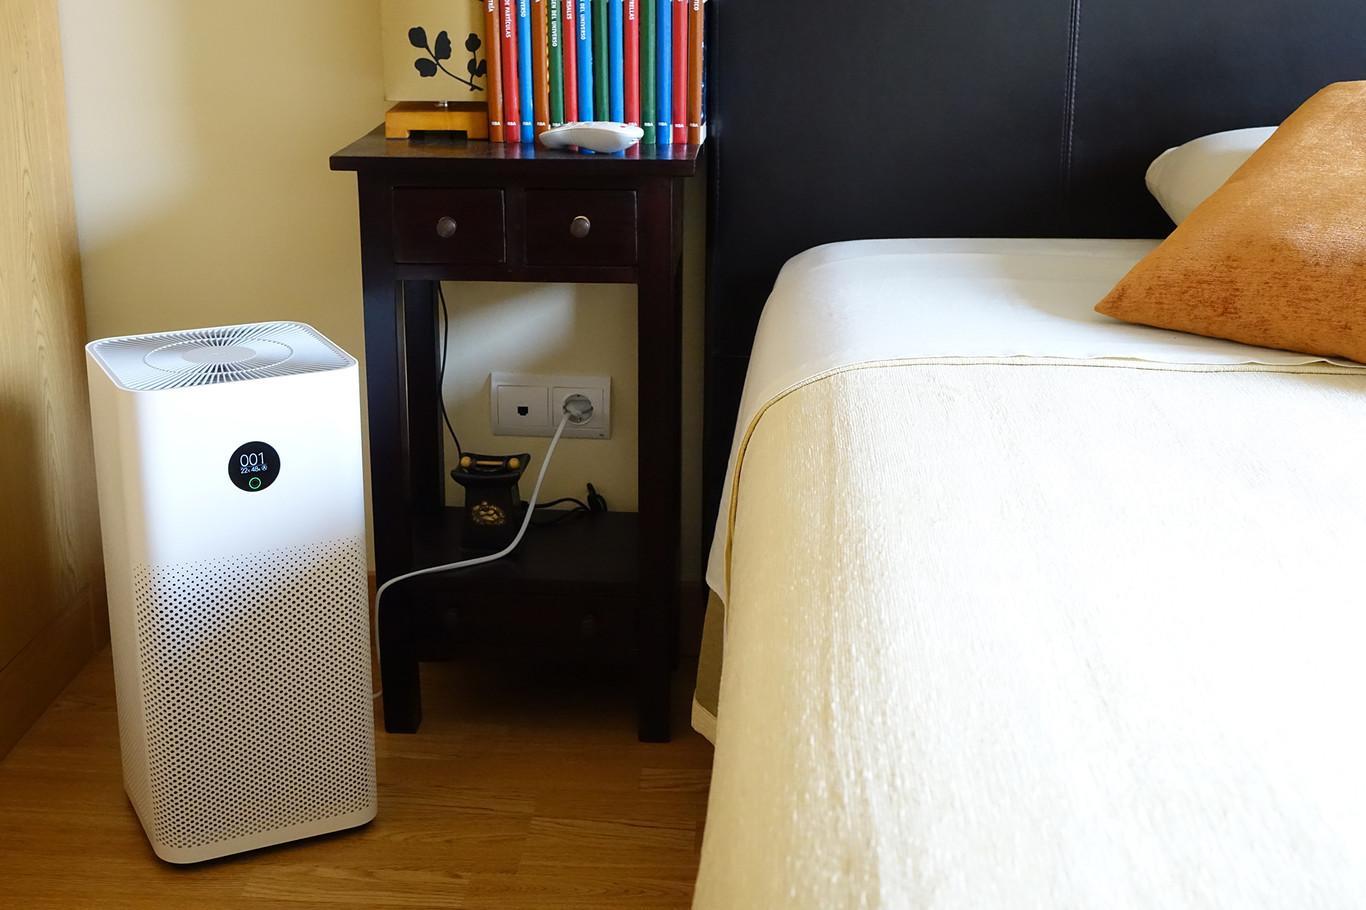 Xiaomi Mi Air Purifier 3H, análisis: el purificador de aire más avanzado de Xiaomi se controla desde el móvil